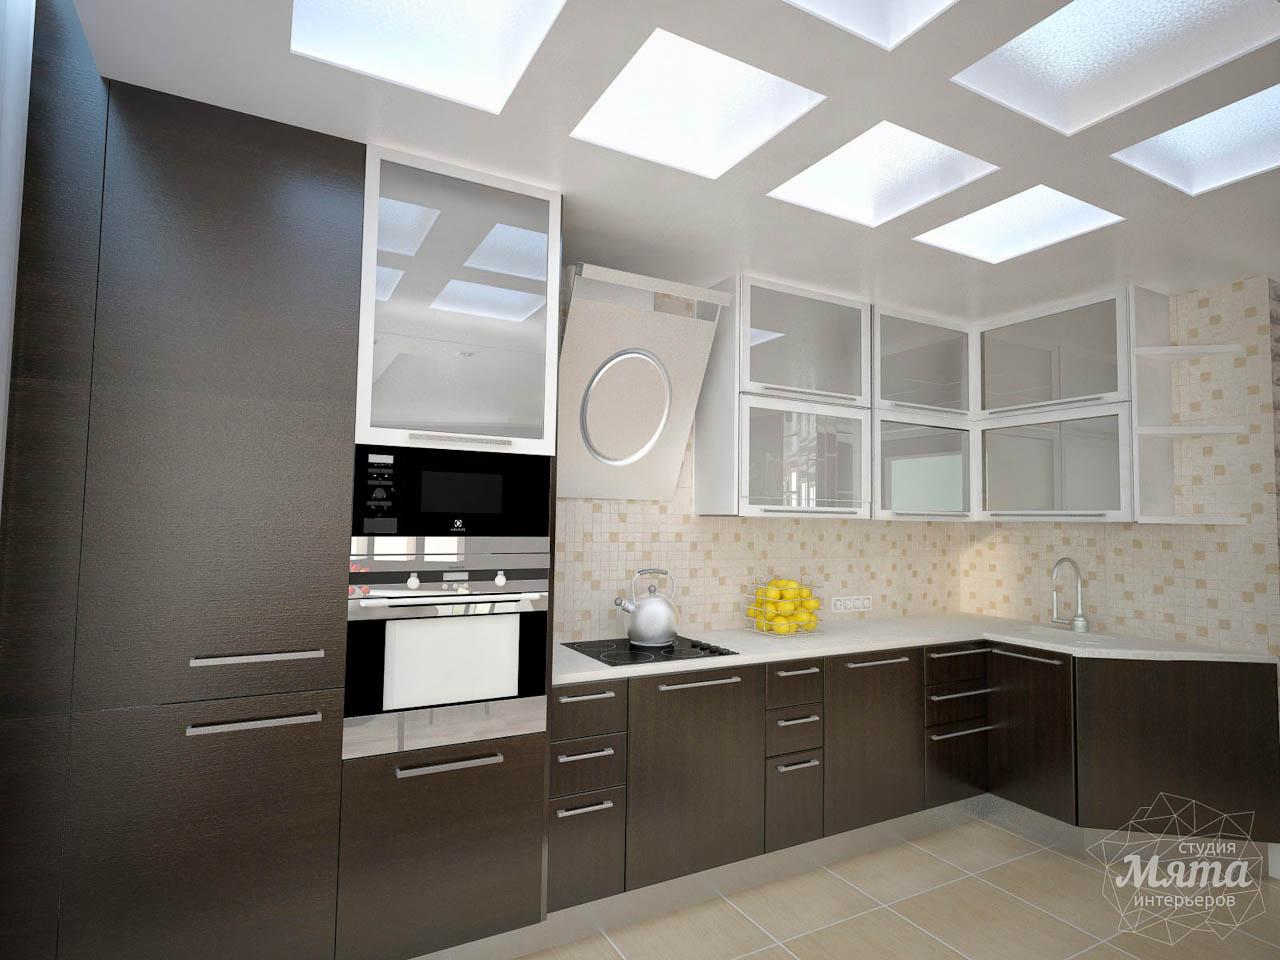 Дизайн интерьера трехкомнатной квартиры по ул. Белинского 222 img739629054